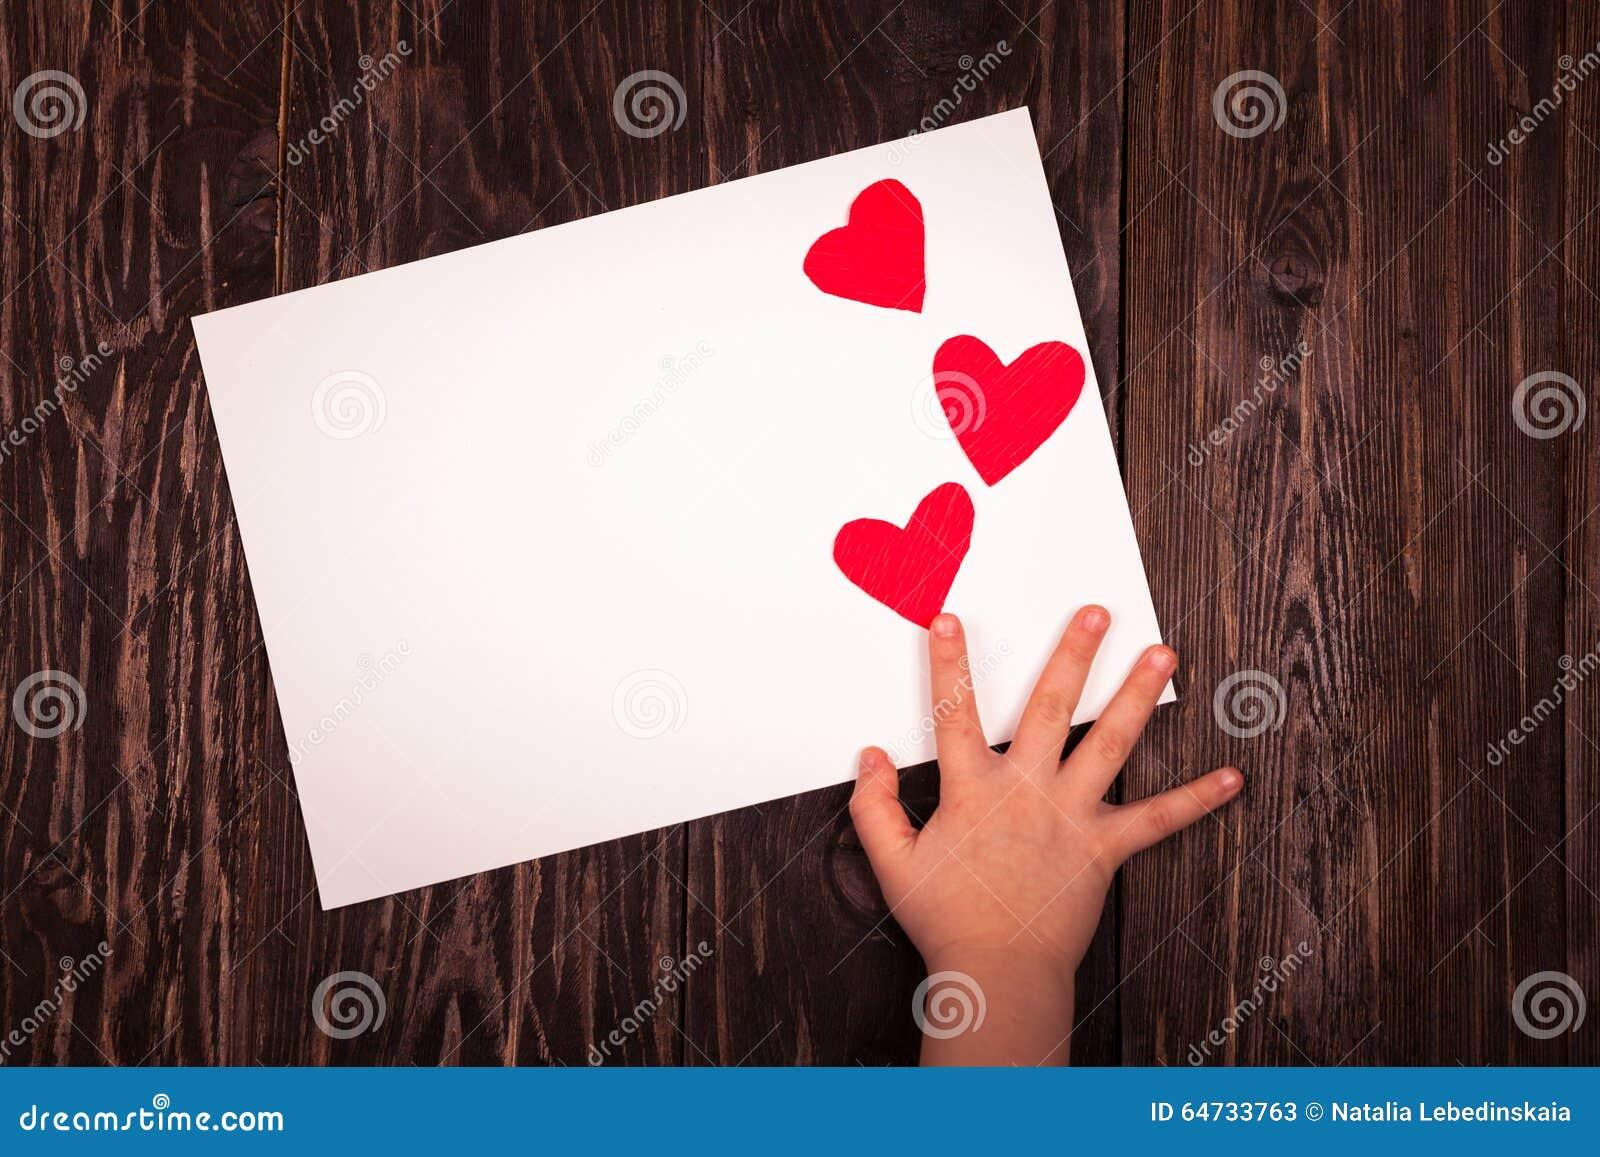 Άσπρο ξύλινο υπόβαθρο καρδιών φύλλων του εγγράφου μικρό κόκκινο